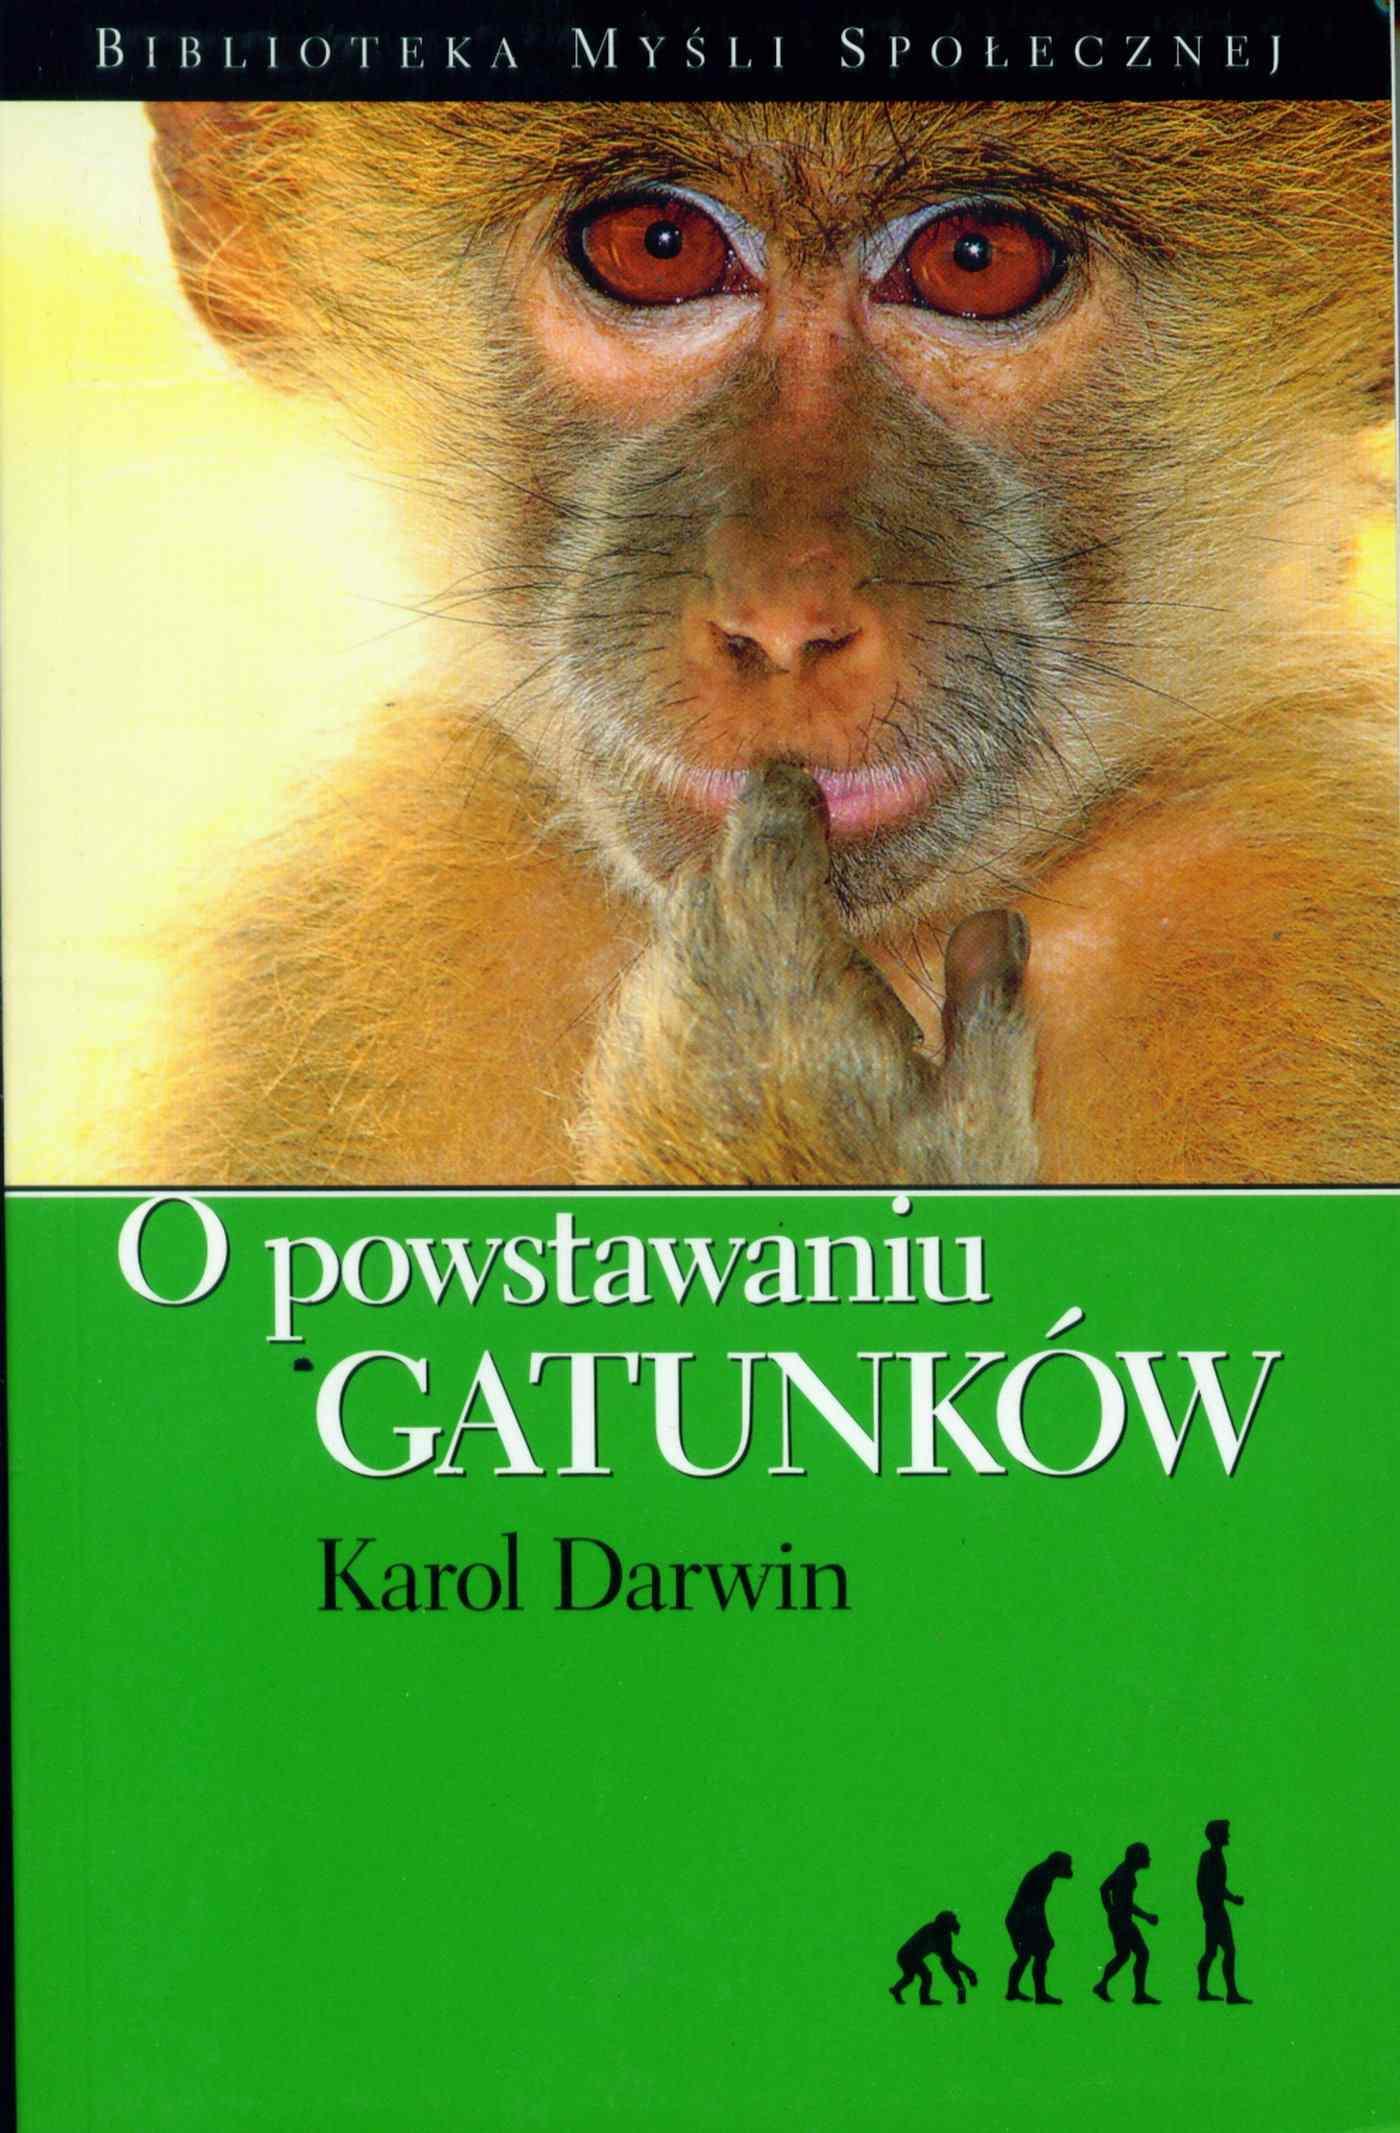 O powstawaniu gatunków - Ebook (Książka EPUB) do pobrania w formacie EPUB